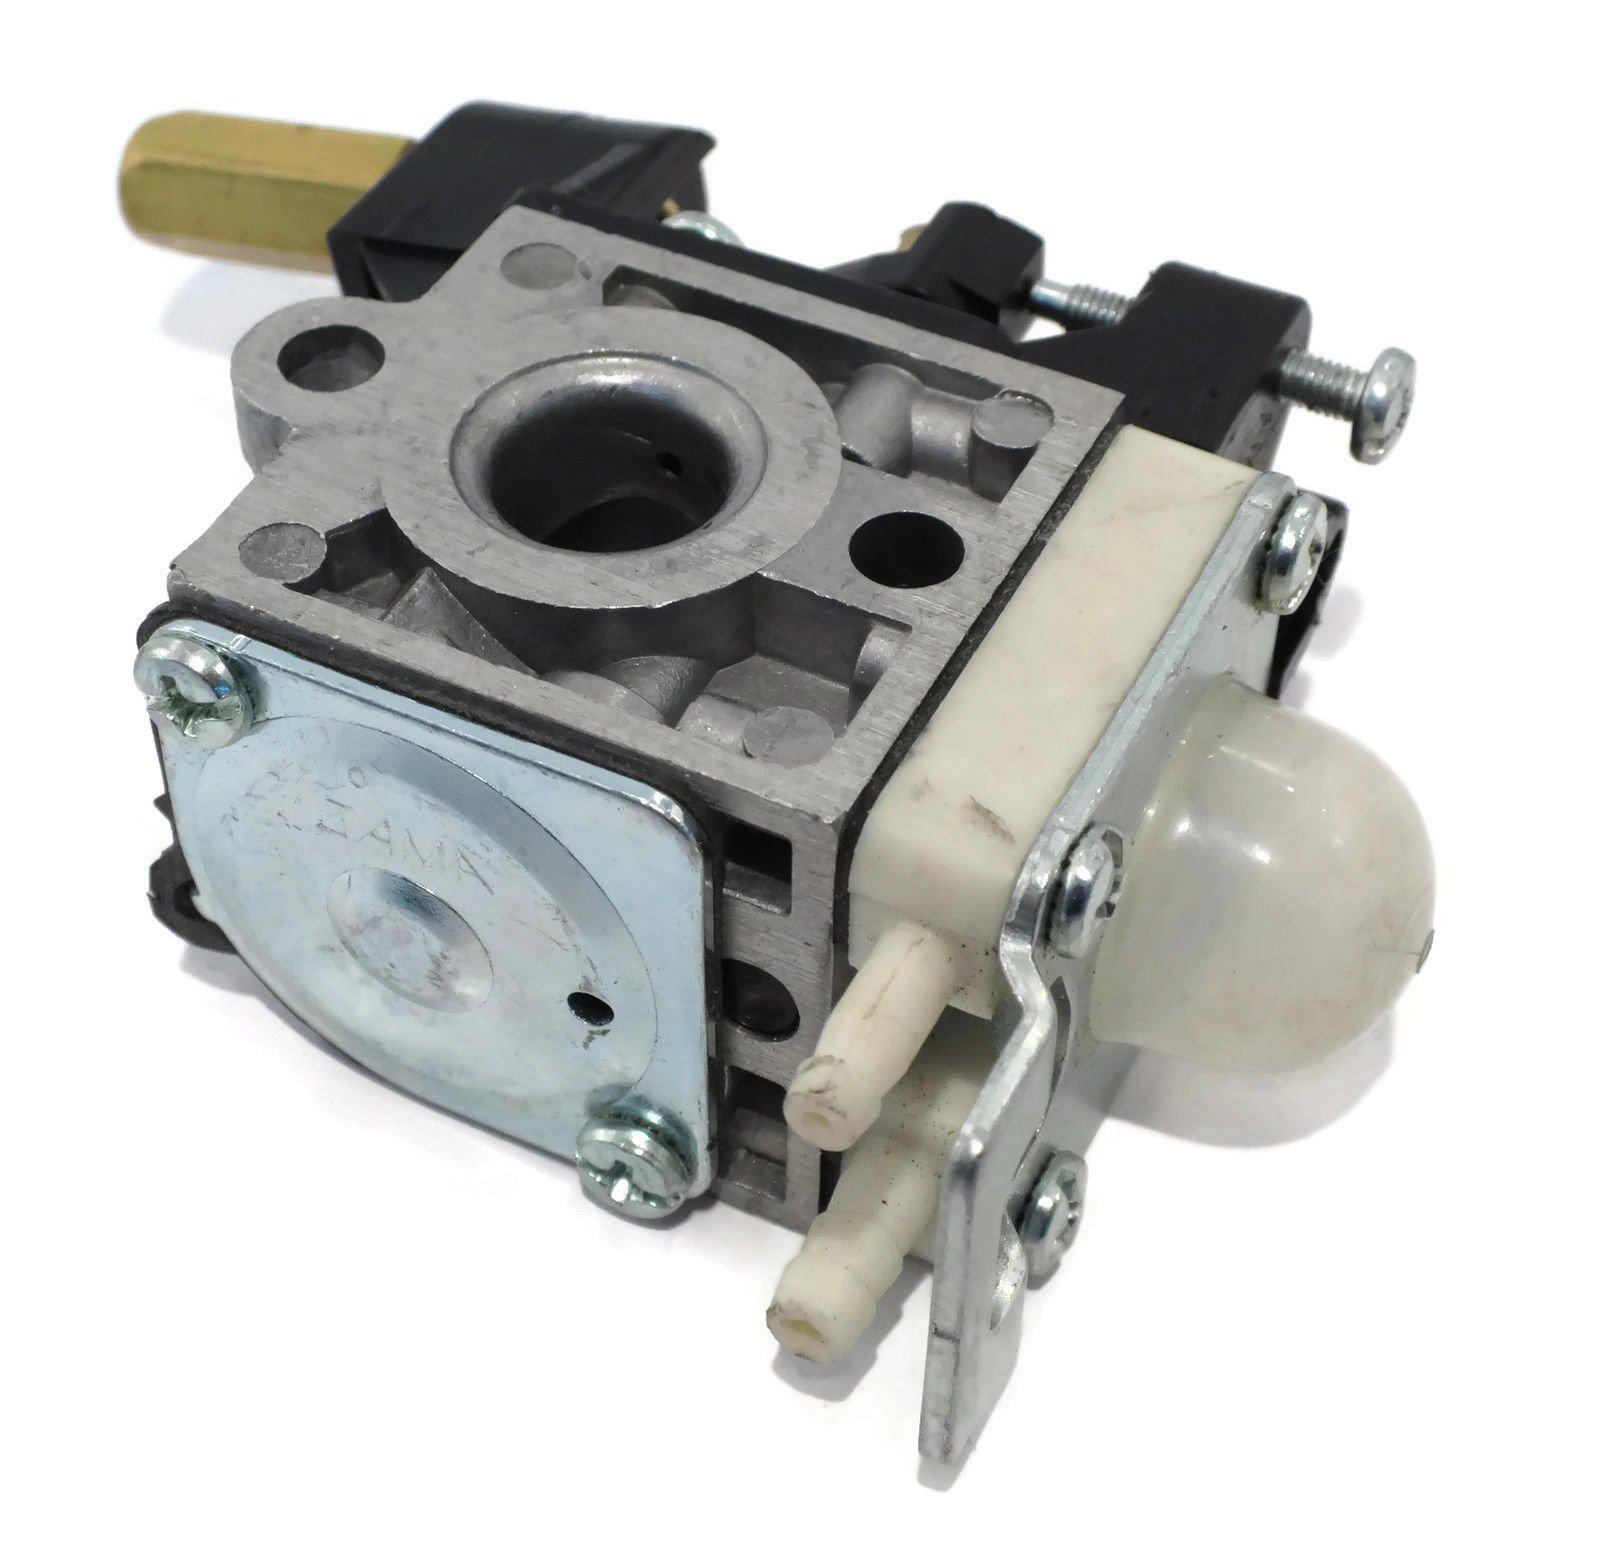 The ROP Shop Carburetor Carb for Zama RB-K112 fits Echo PPT-266 PPT-266H Pole Pruner Trimmers